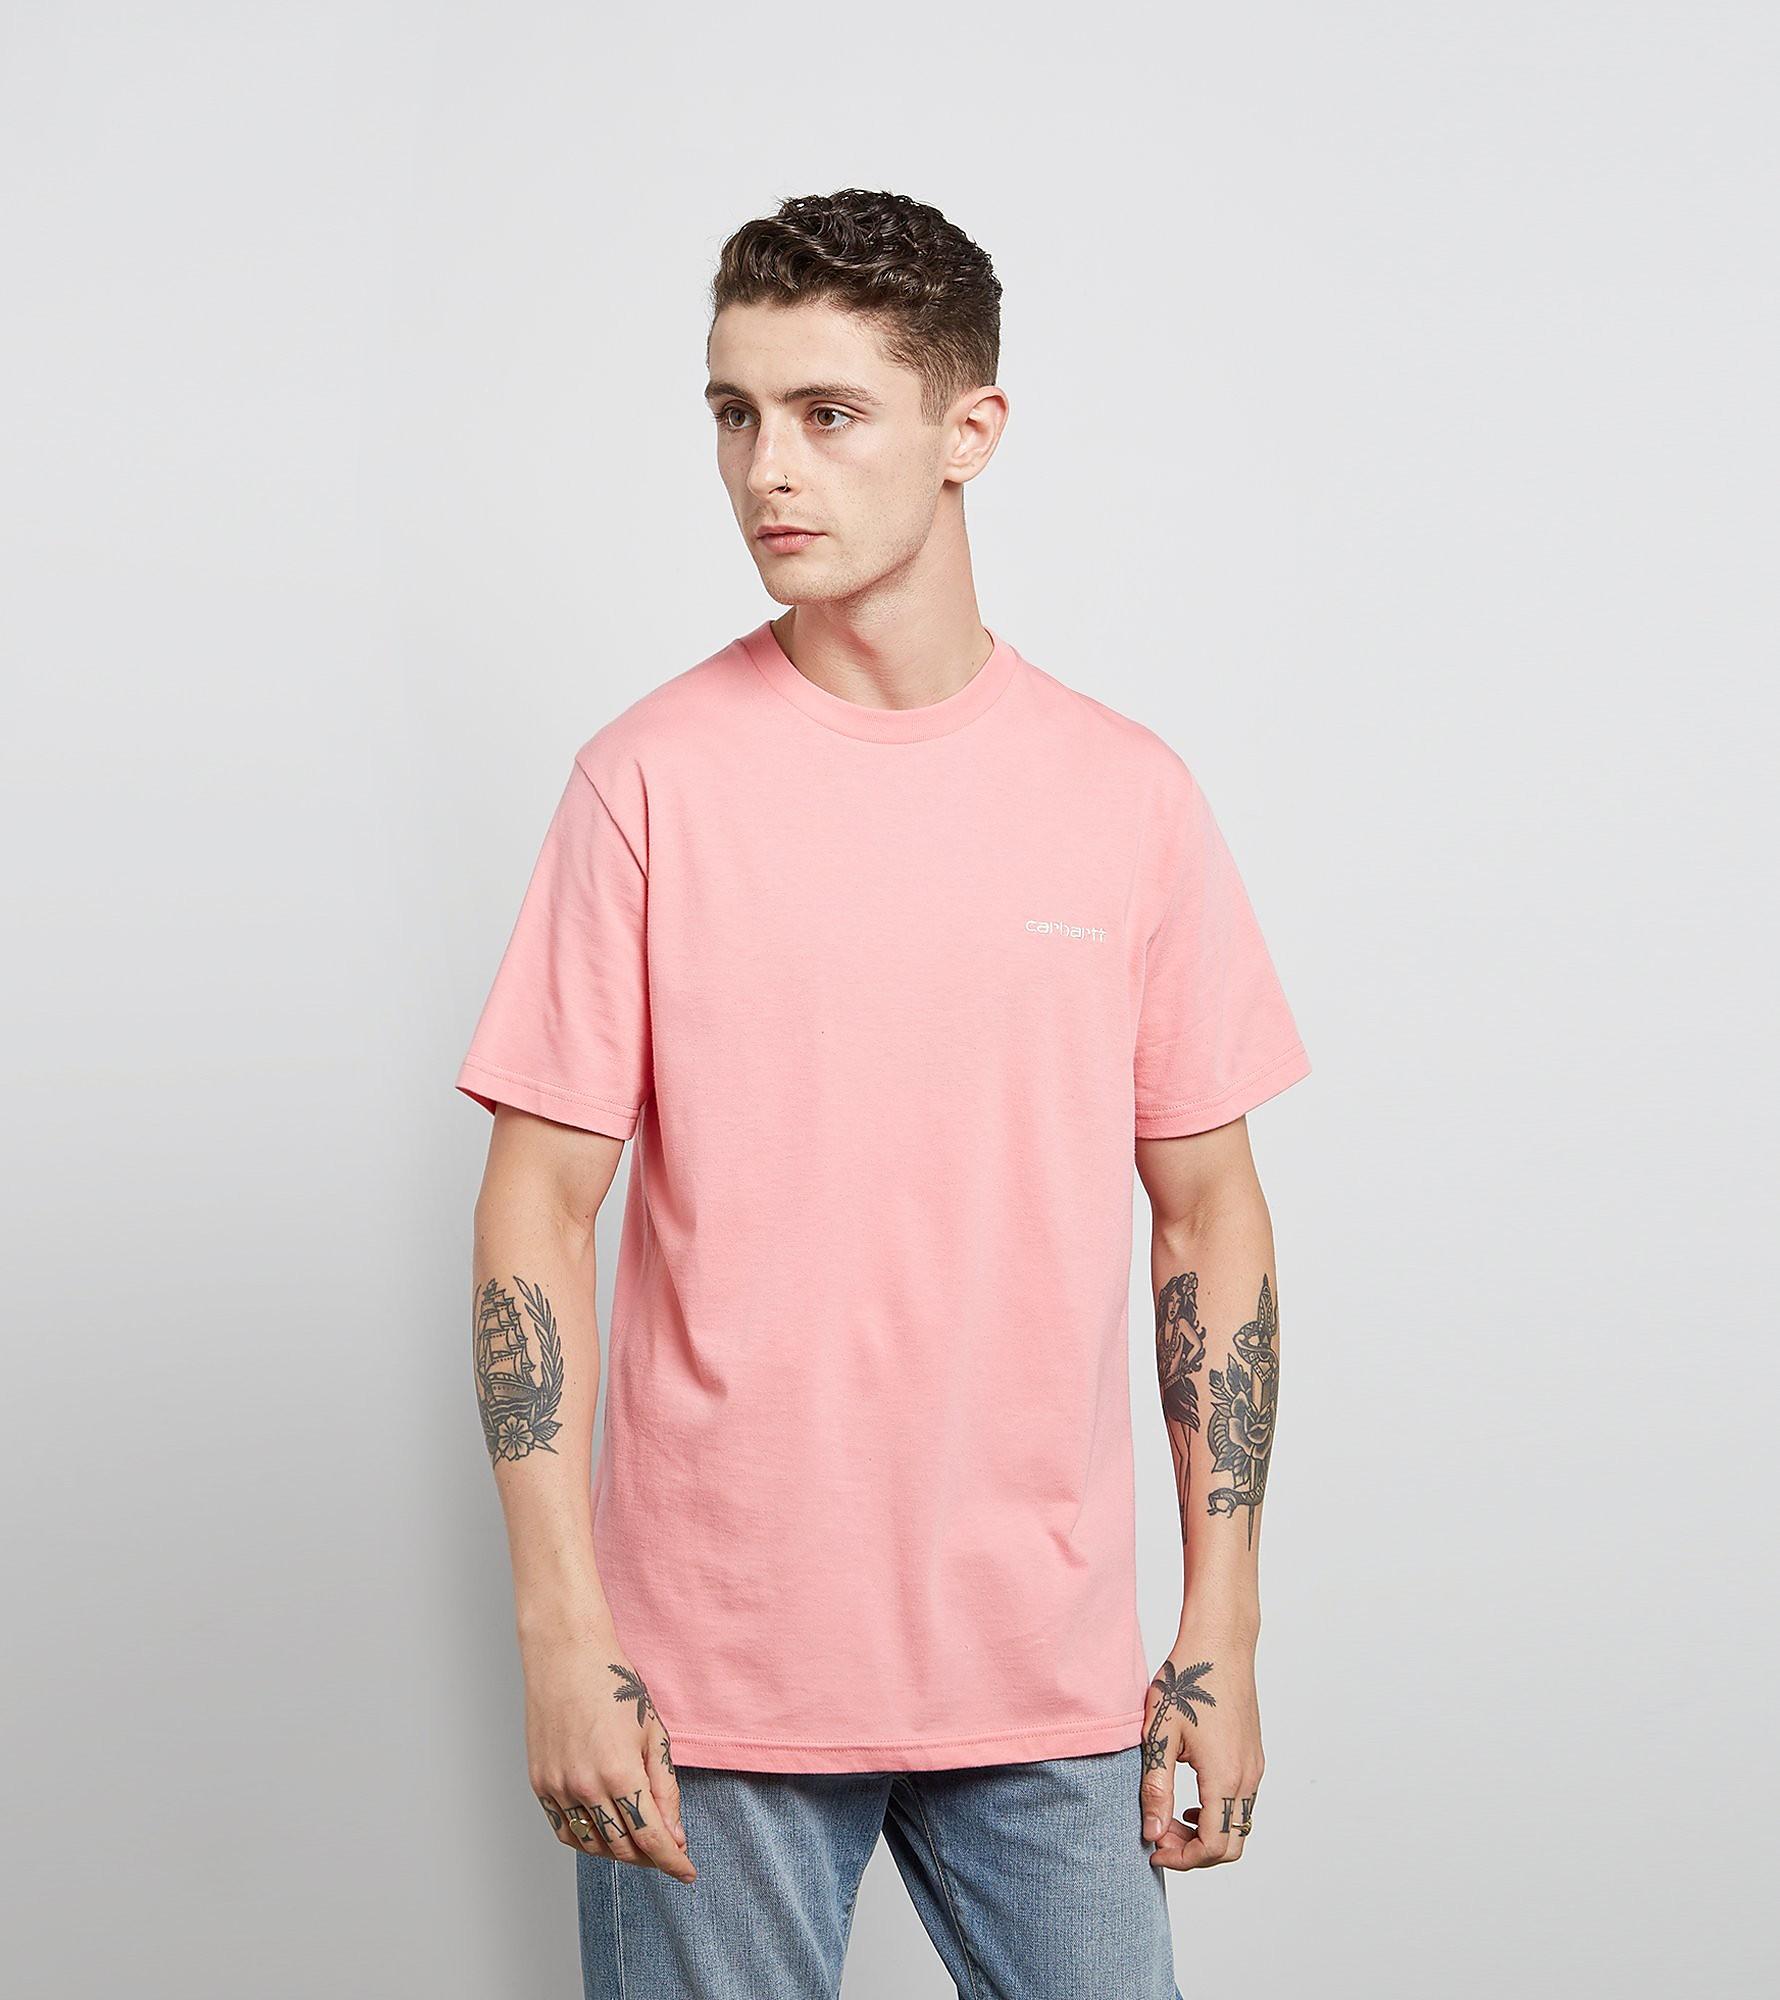 Carhartt WIP Script EMB T-Shirt